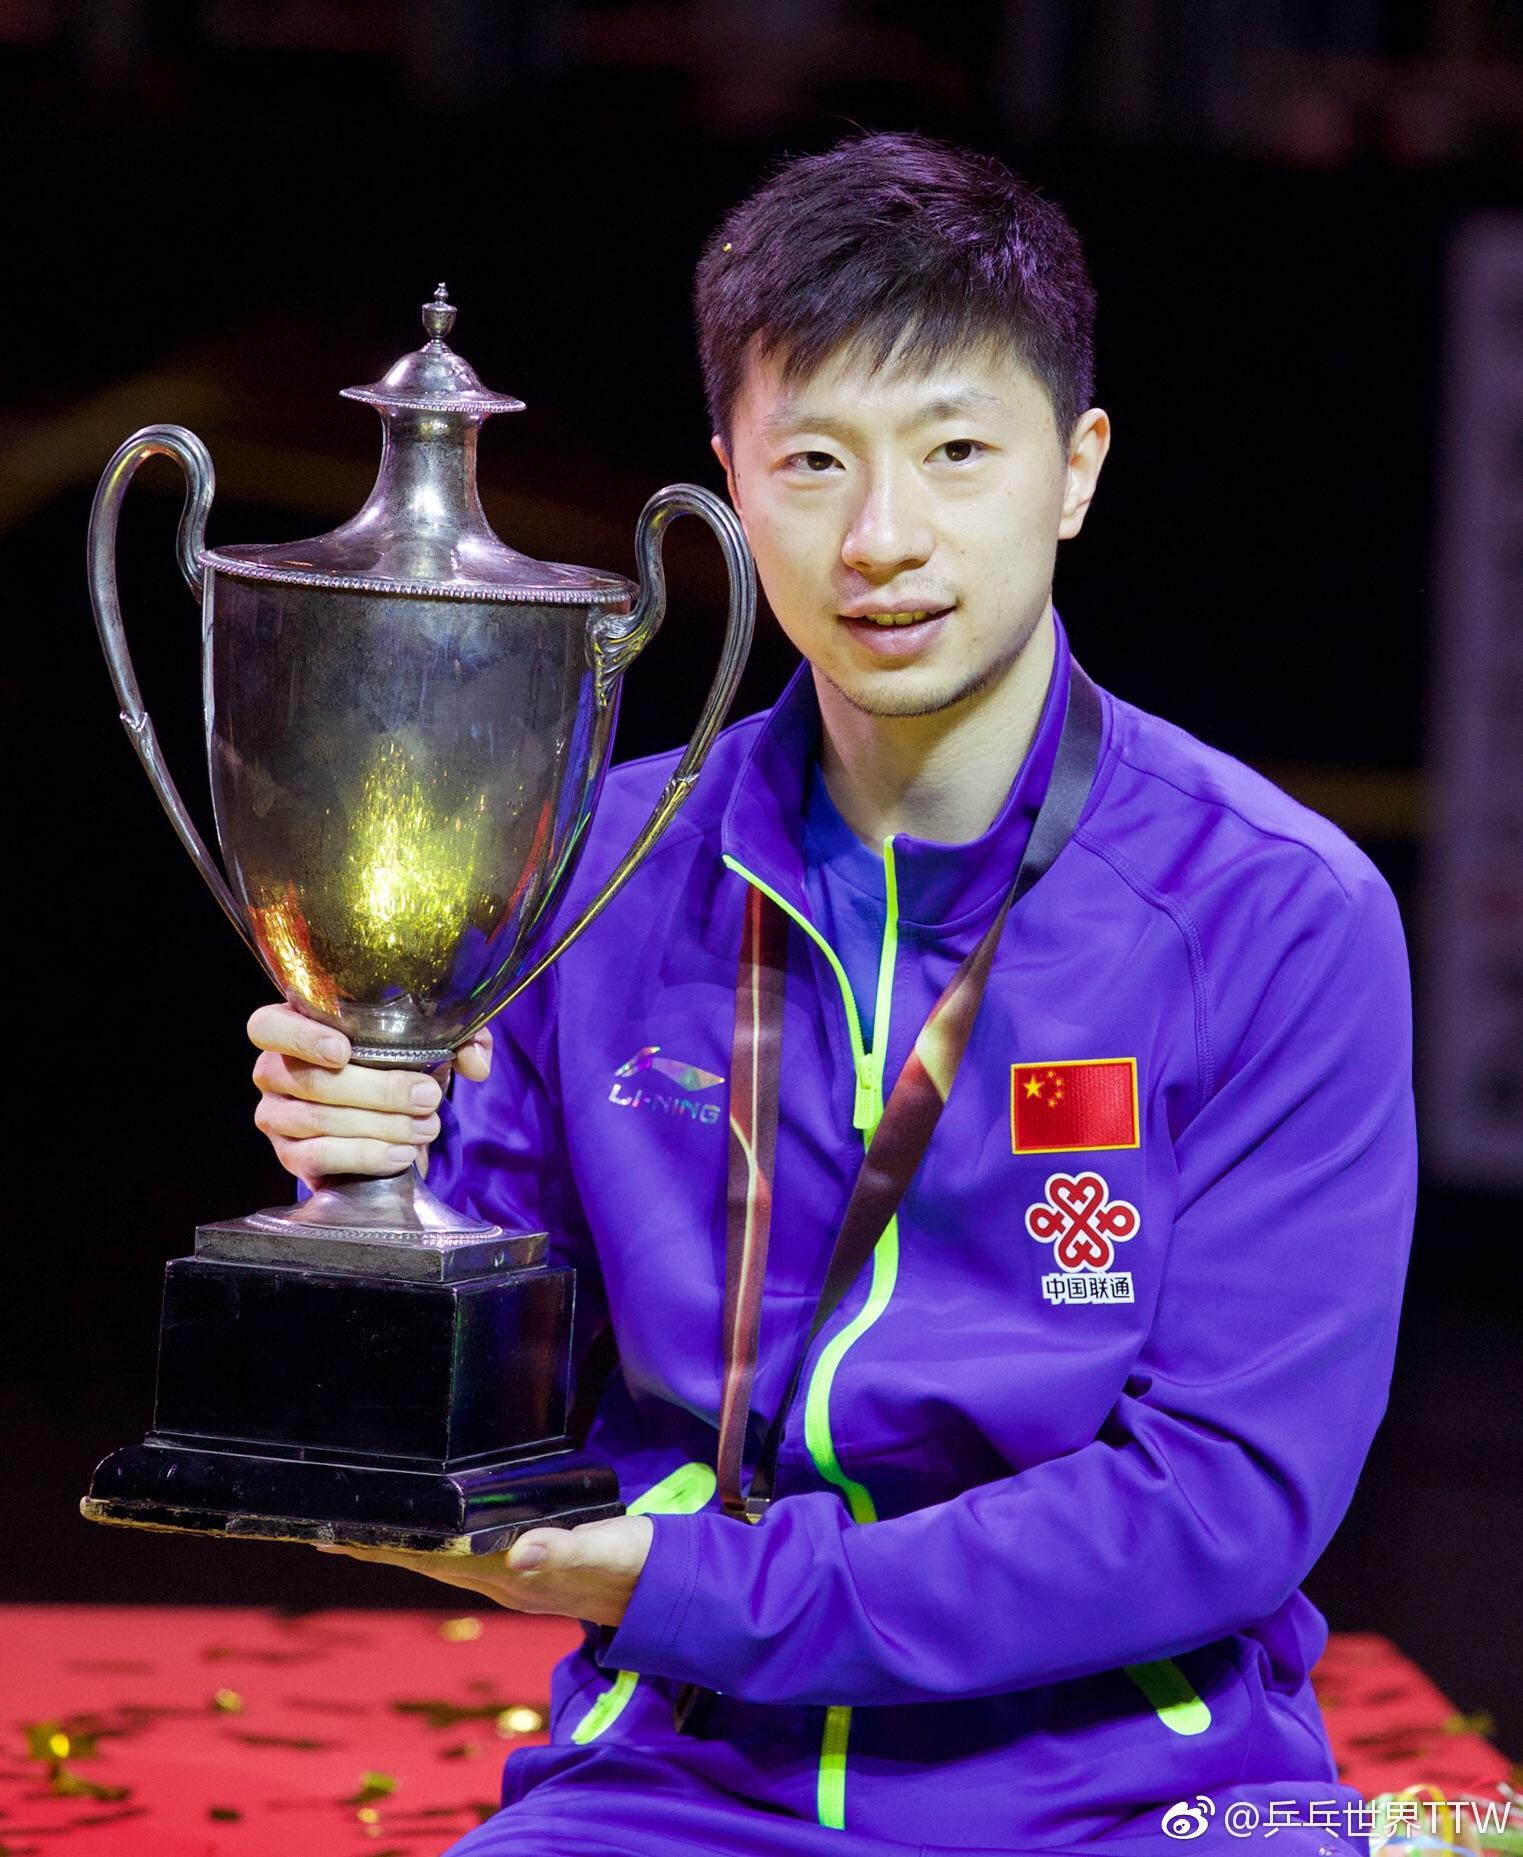 如何评价 2017 年德国杜塞尔多夫世乒赛男单决赛马龙 4:3 战胜樊振东?